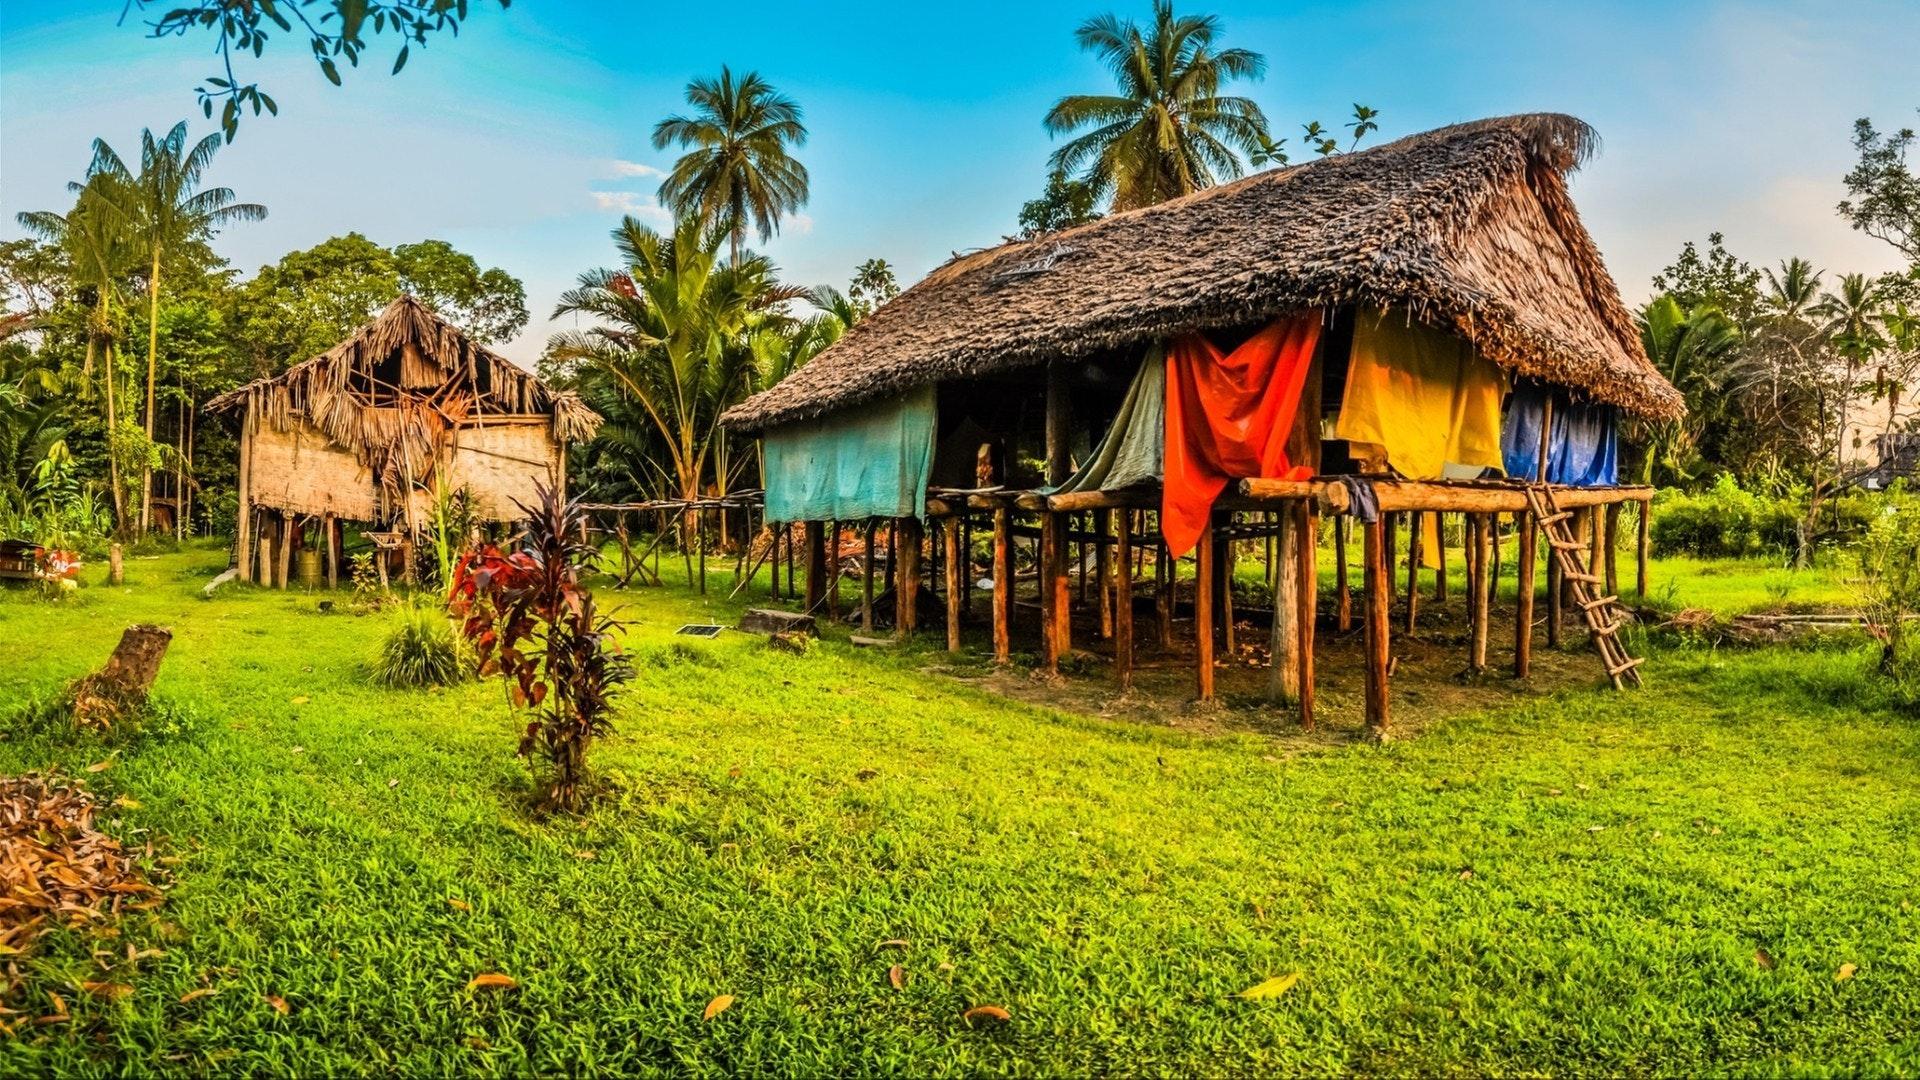 Photo de maisons simples en paille et en bois à Avatip, rivière Sepik en Papouasie-Nouvelle-Guinée